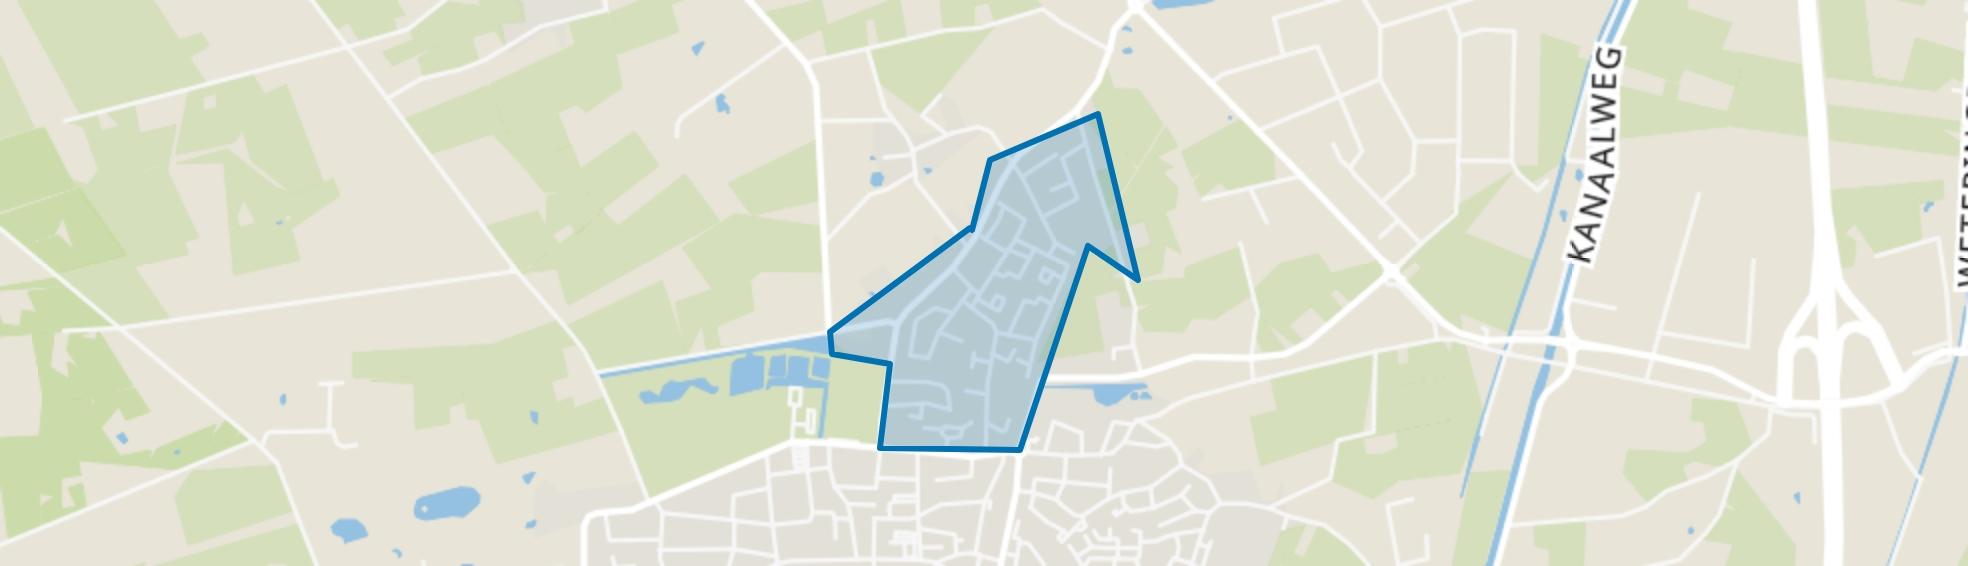 Heggerenk, Vaassen map